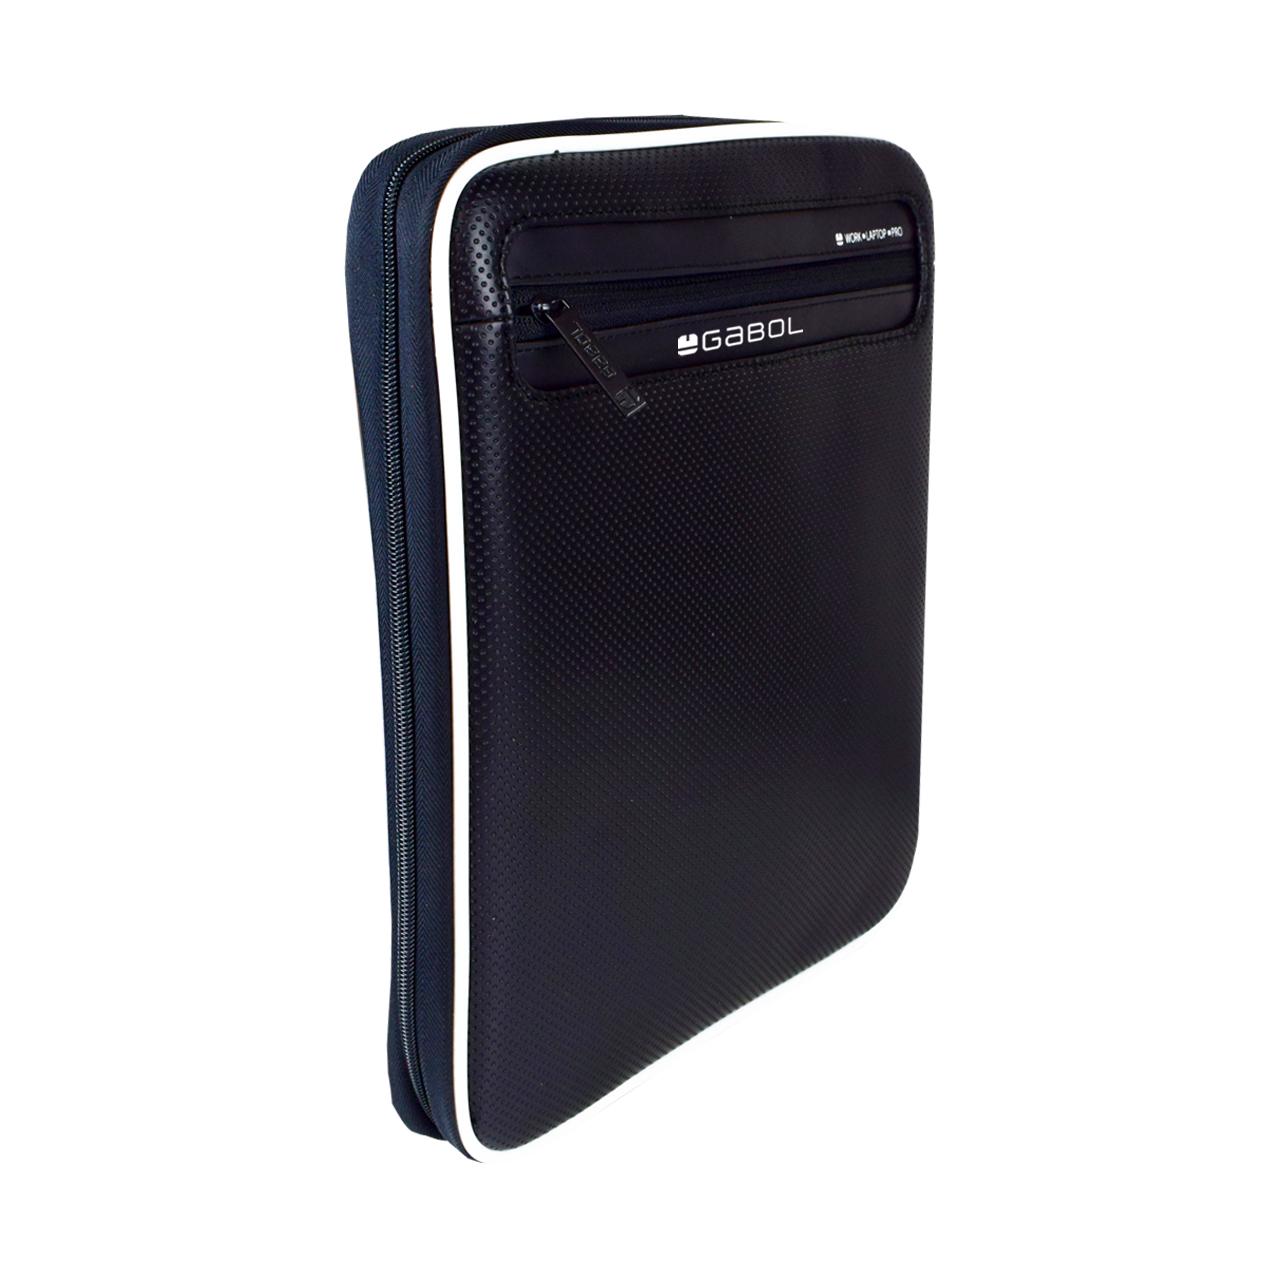 کاور لپ تاپ  گابل مدل Atlas مناسب برای لپ تاپ 13.3 اینچ